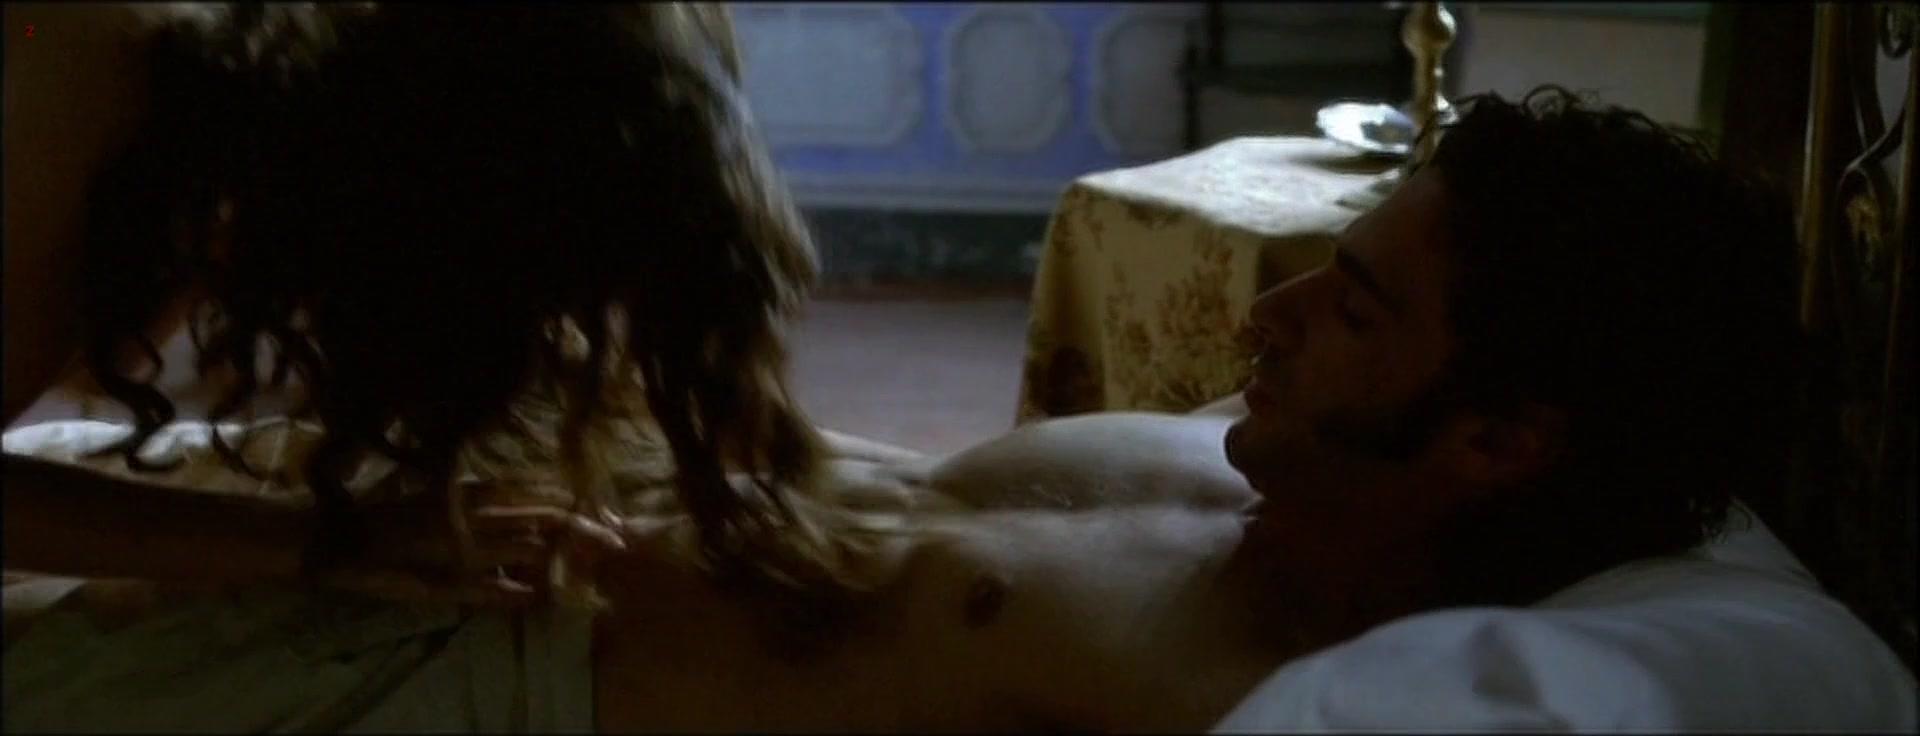 Vega sex scene